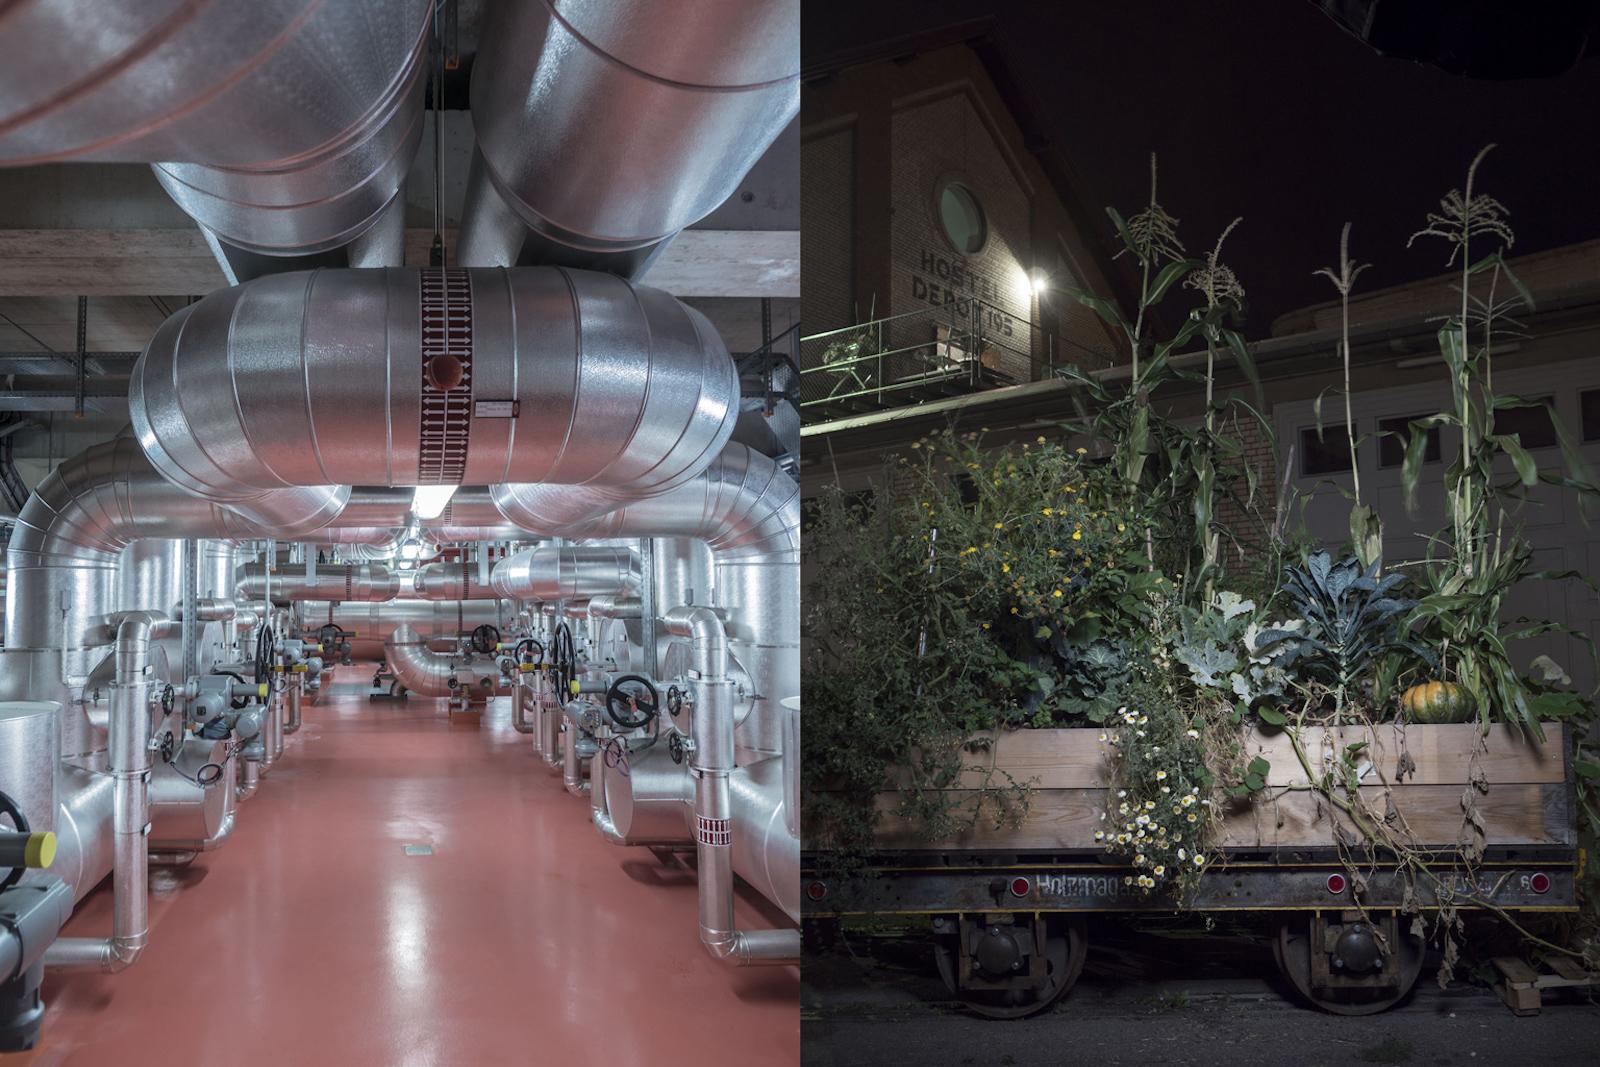 Nell'impianto di riciclo della Stadtwerk Winterthur si sfrutta l'energia contenuta nell'immondizia per produrre corrente e calore. In futuro i rifiuti saranno stoccati in un accumulatore stagionale per materiale combustibile, così da poter essere utilizzati per produrre energia in inverno (a sinistra). L'urban gardening e l'urban farming sono praticati già oggi. In un futuro prossimo a Winterthur intere facciate di edifici saranno ricoperte da piante. Il cosiddetto «vertical gardening» non abbellisce soltanto il paesaggio urbano, ma migliora anche la qualità dell'aria. (a destra). (Robert Huber)